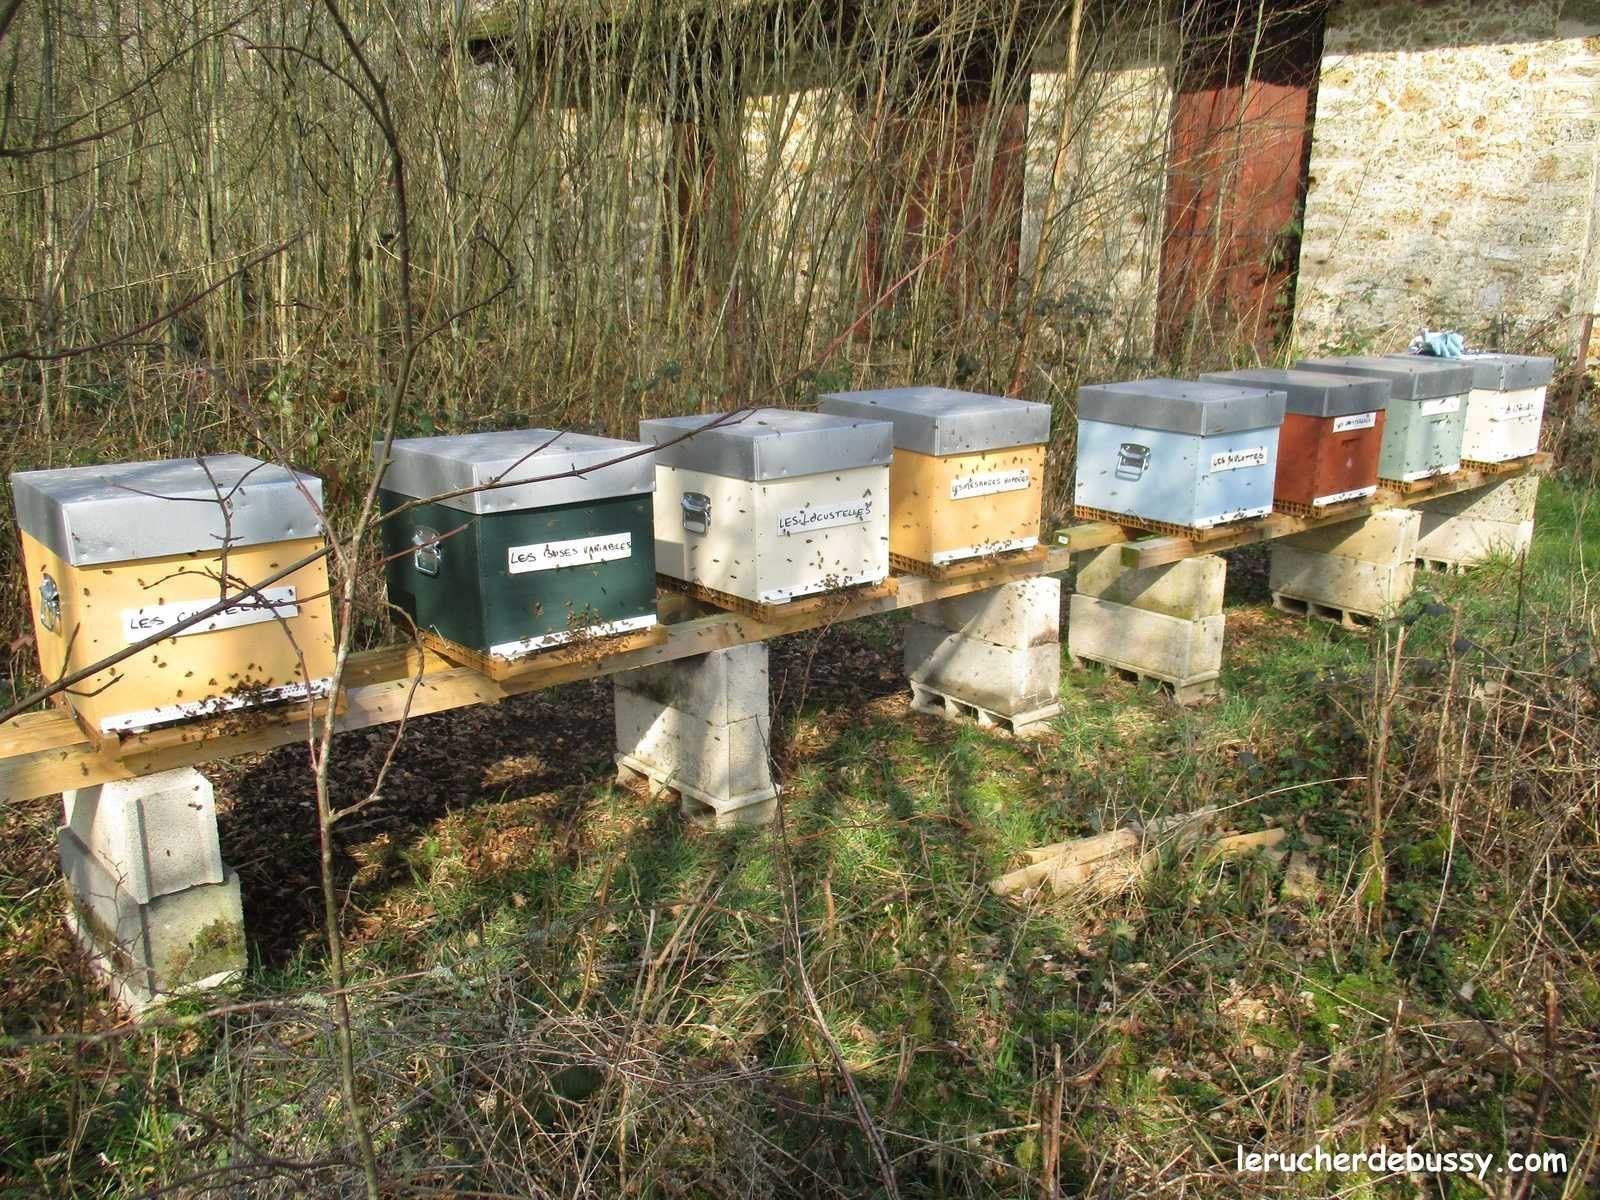 Quand le saule marsault se fait beau, les abeilles se lèvent tôt...